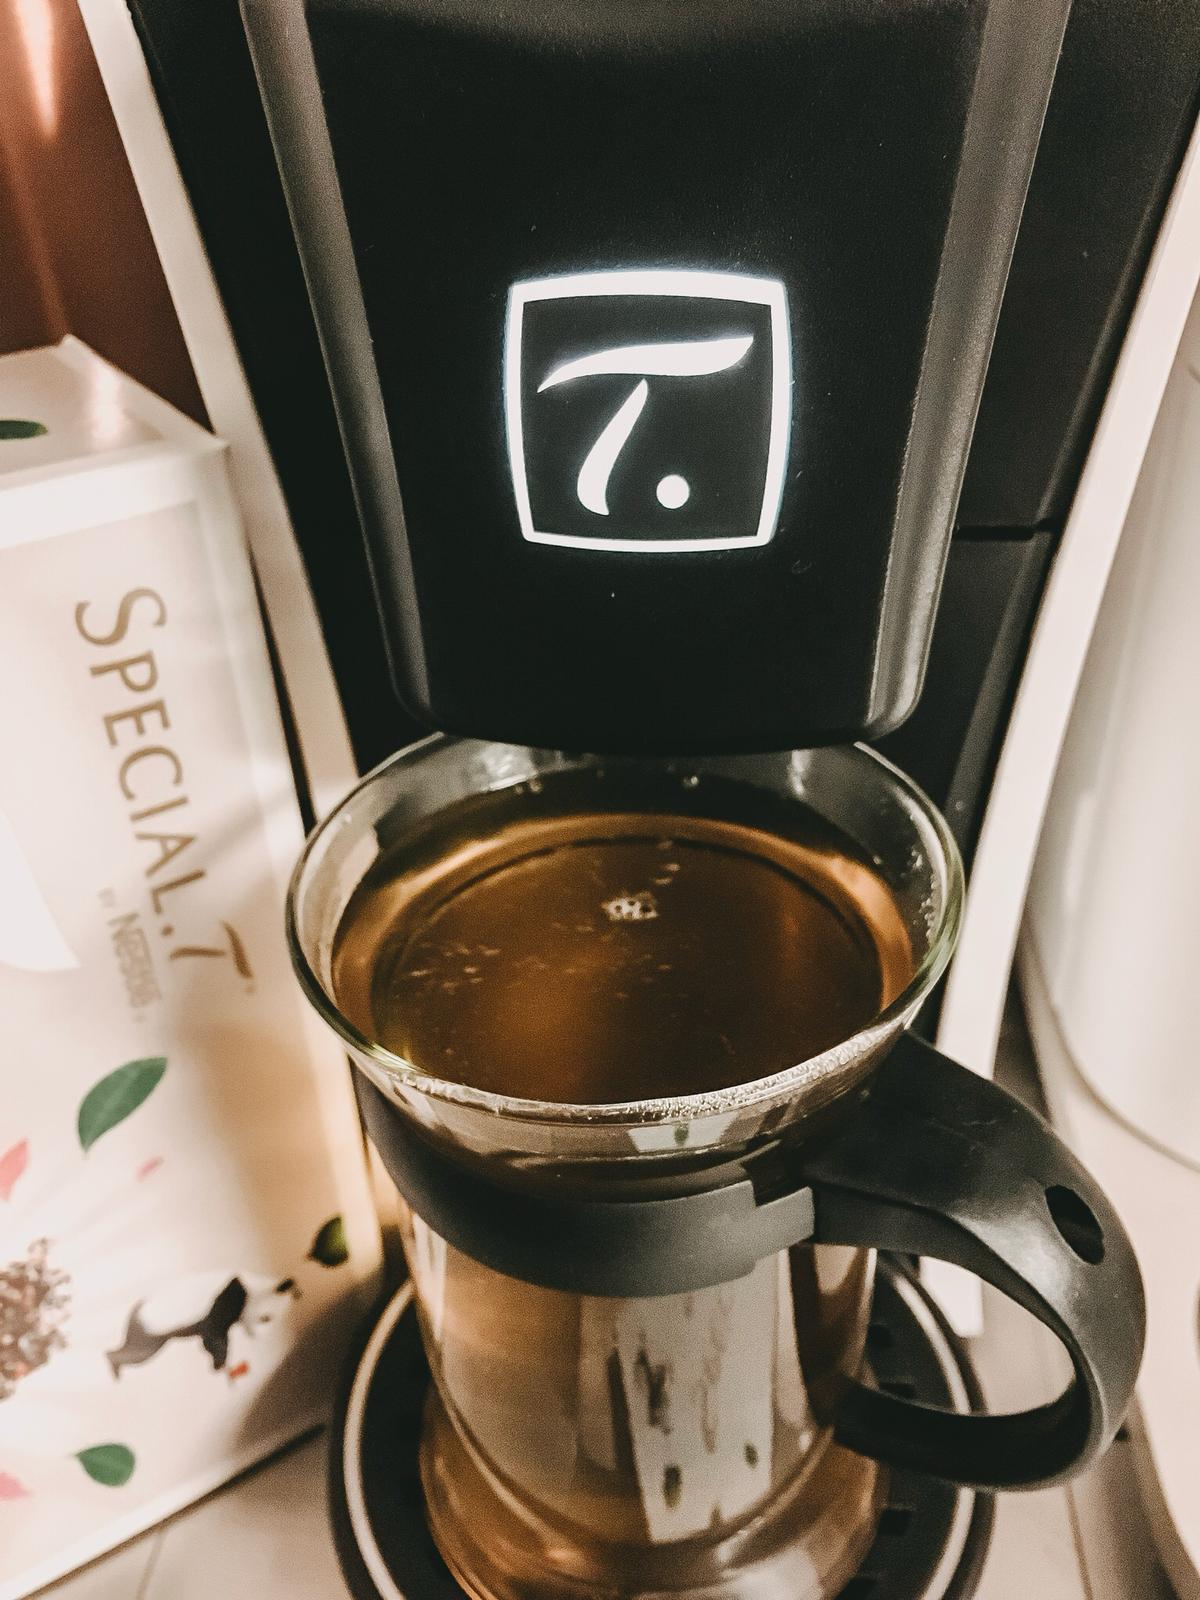 Leckerer Tee von Special T